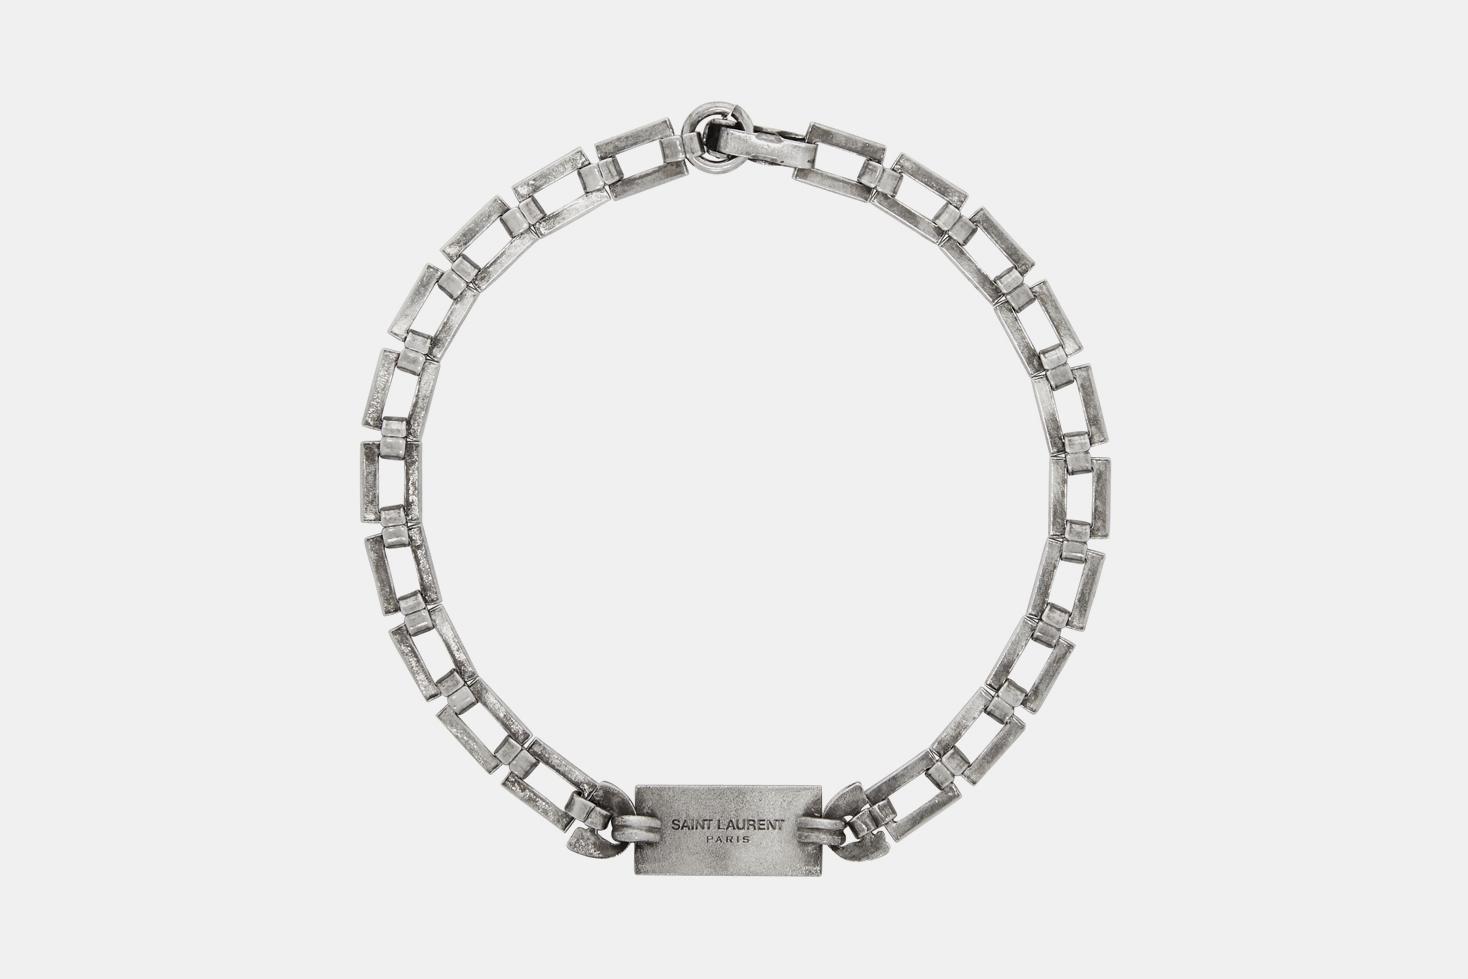 本日 6 款嚴選折扣 Bracelets 手鏈入手推介